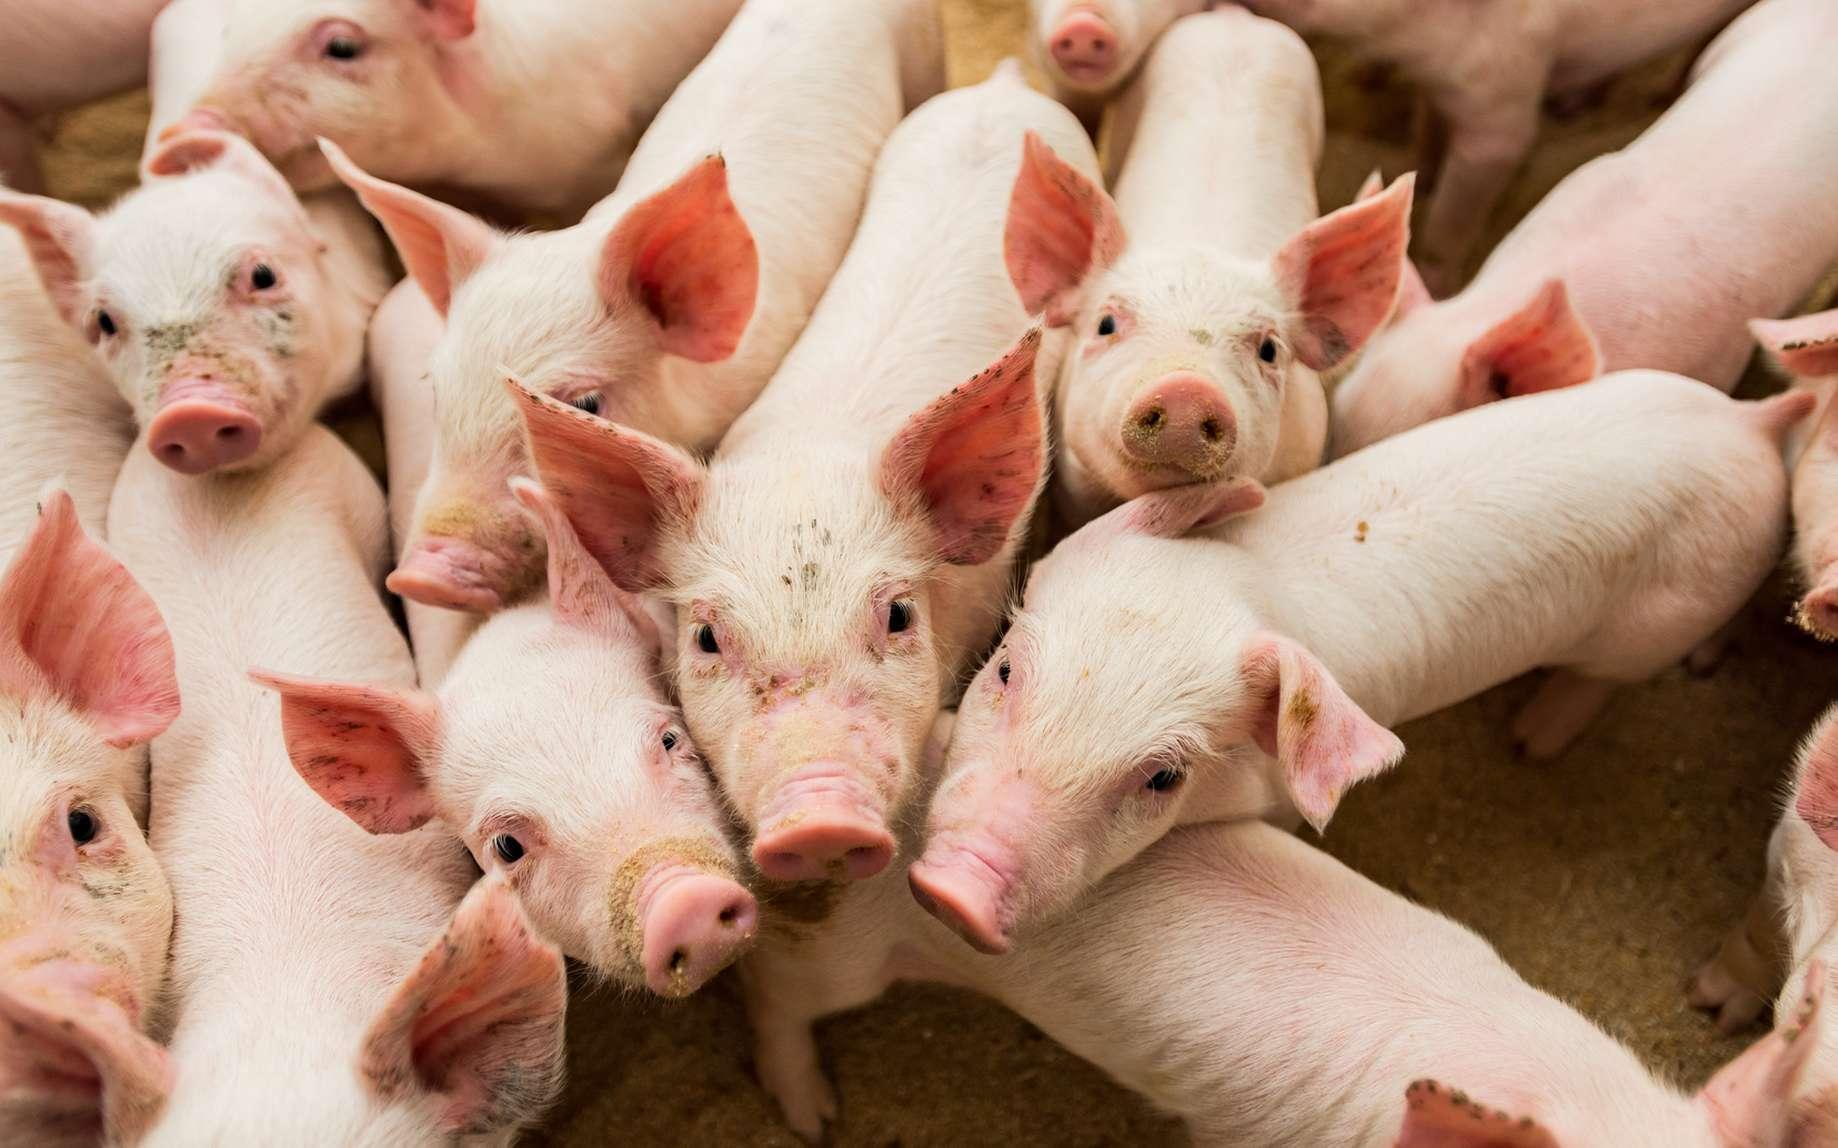 L'Espagne compte 64 porcs pour 100 habitants. © surfmedia, Fotolia